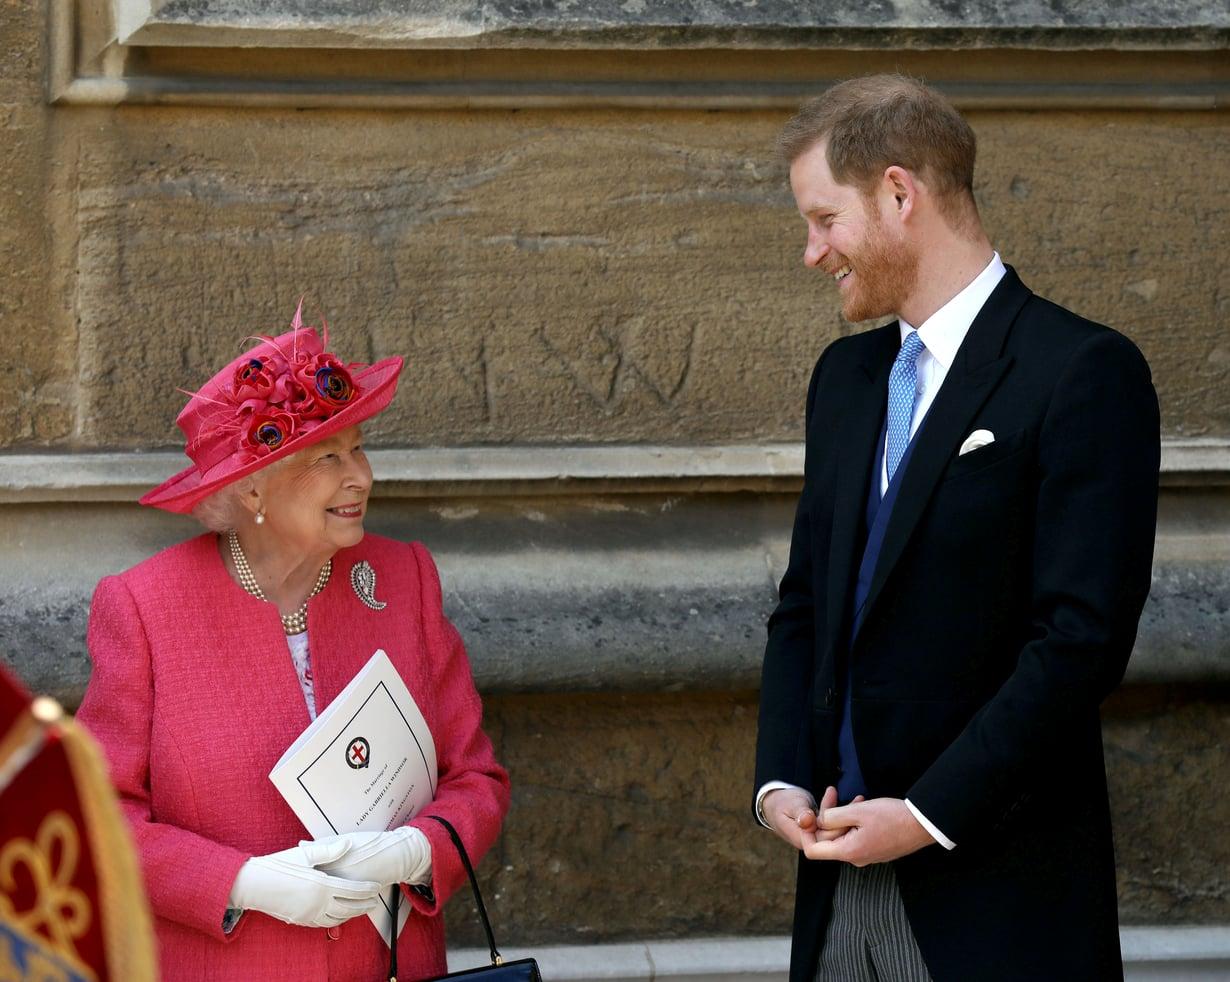 Prinssi Harry on ainakin virallisten tietojen mukaan edelleen hyvissä väleissä mummonsa, kuningatar Elisabetin kanssa, vaikka lähtikin hovista.